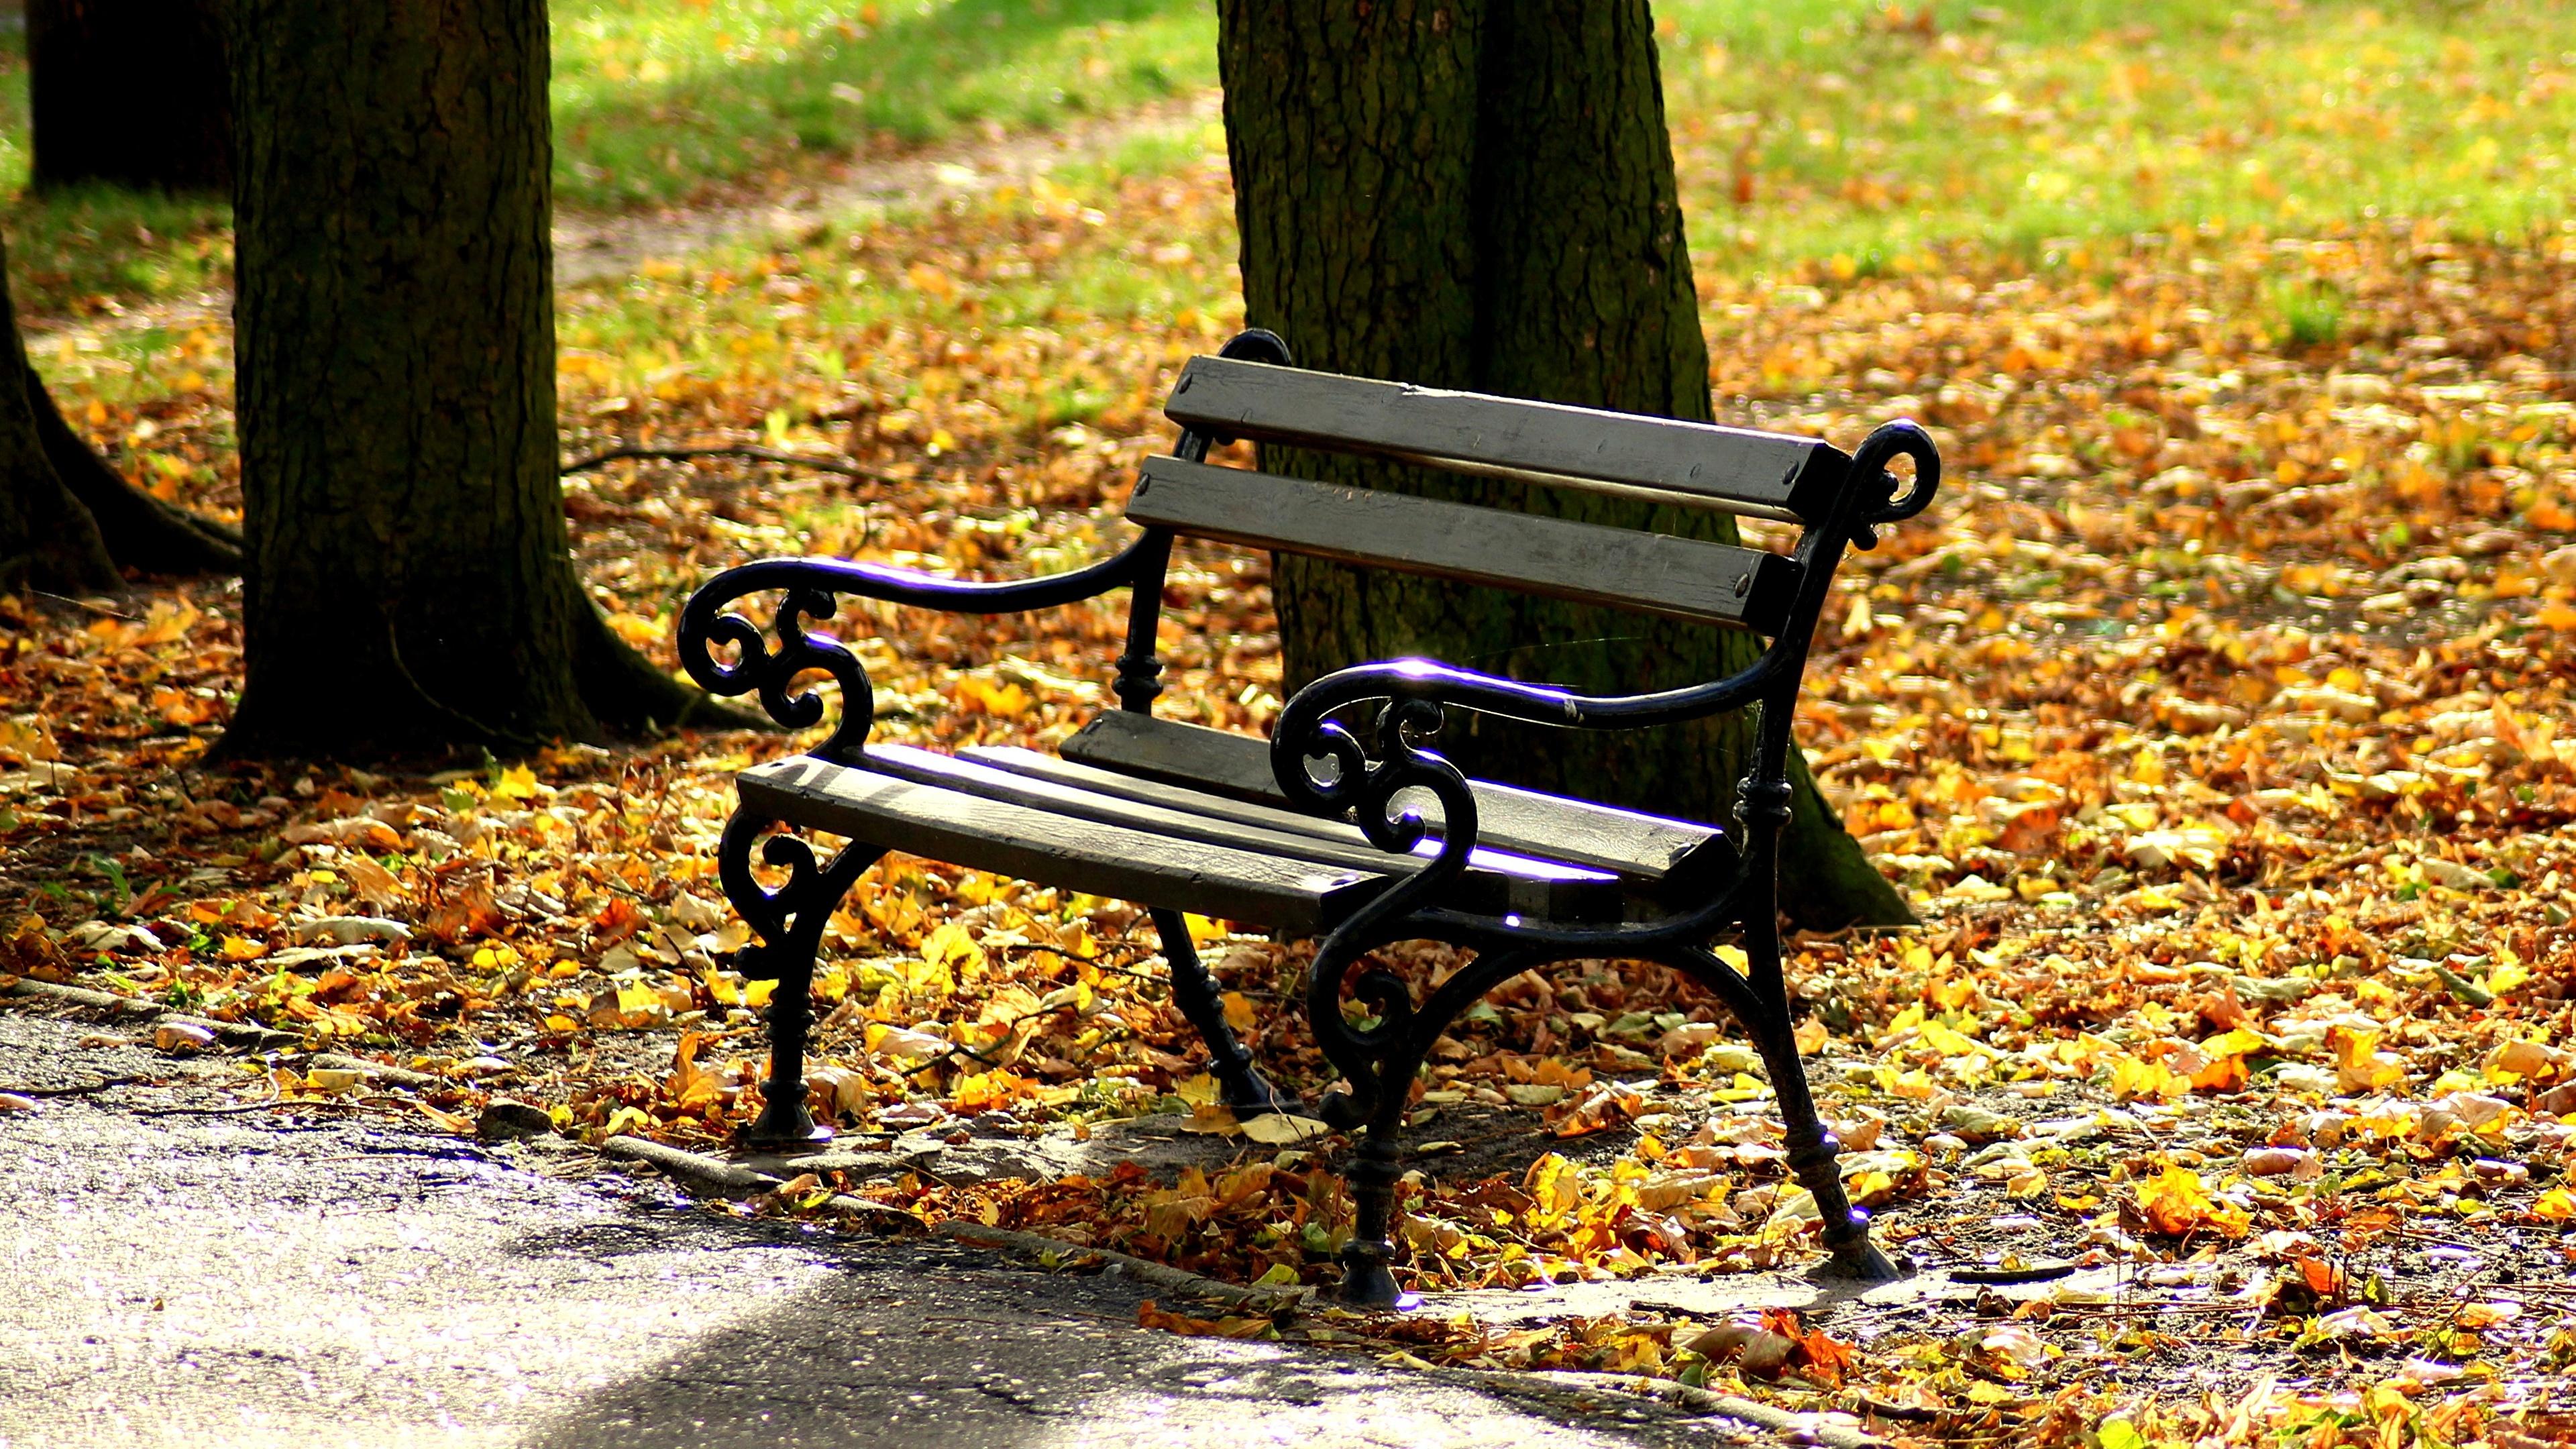 Картинка Листва Осень Природа Скамья 3840x2160 лист Листья осенние Скамейка